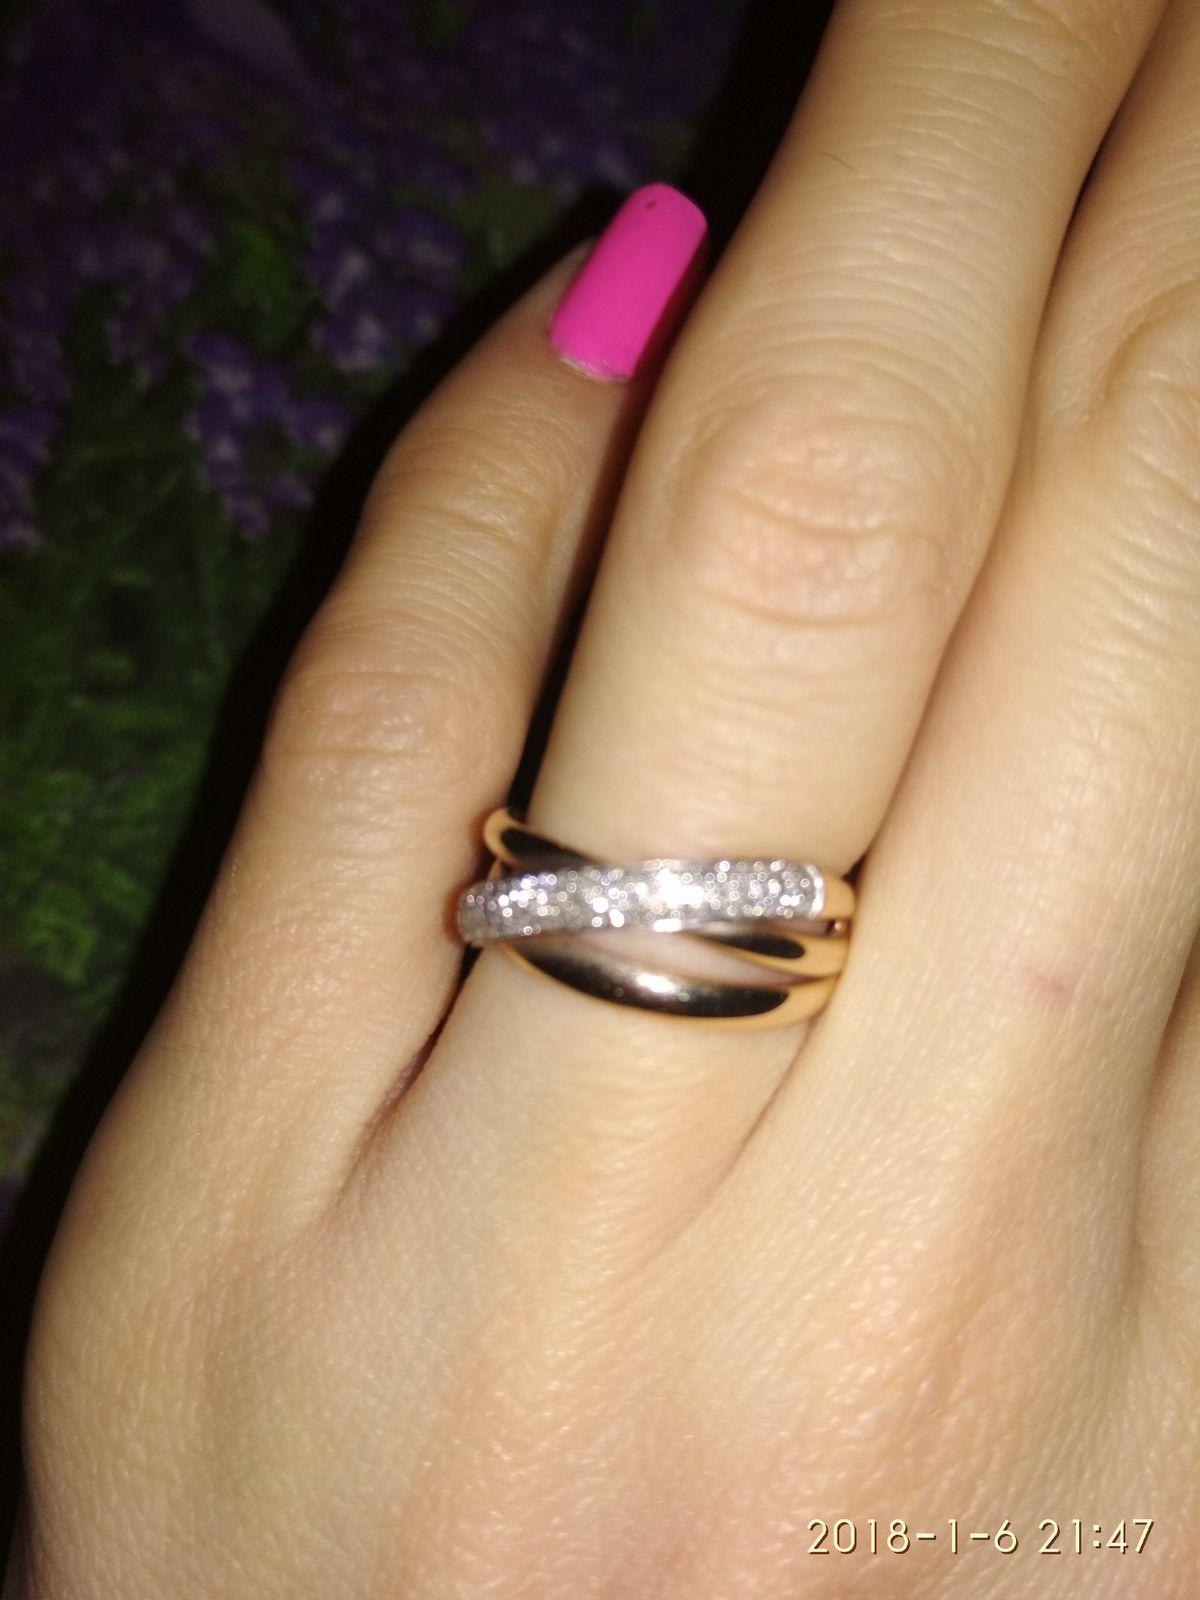 Отличное кольцо!  Очень понравились акции и скидки. Обслуживание на пятёрку